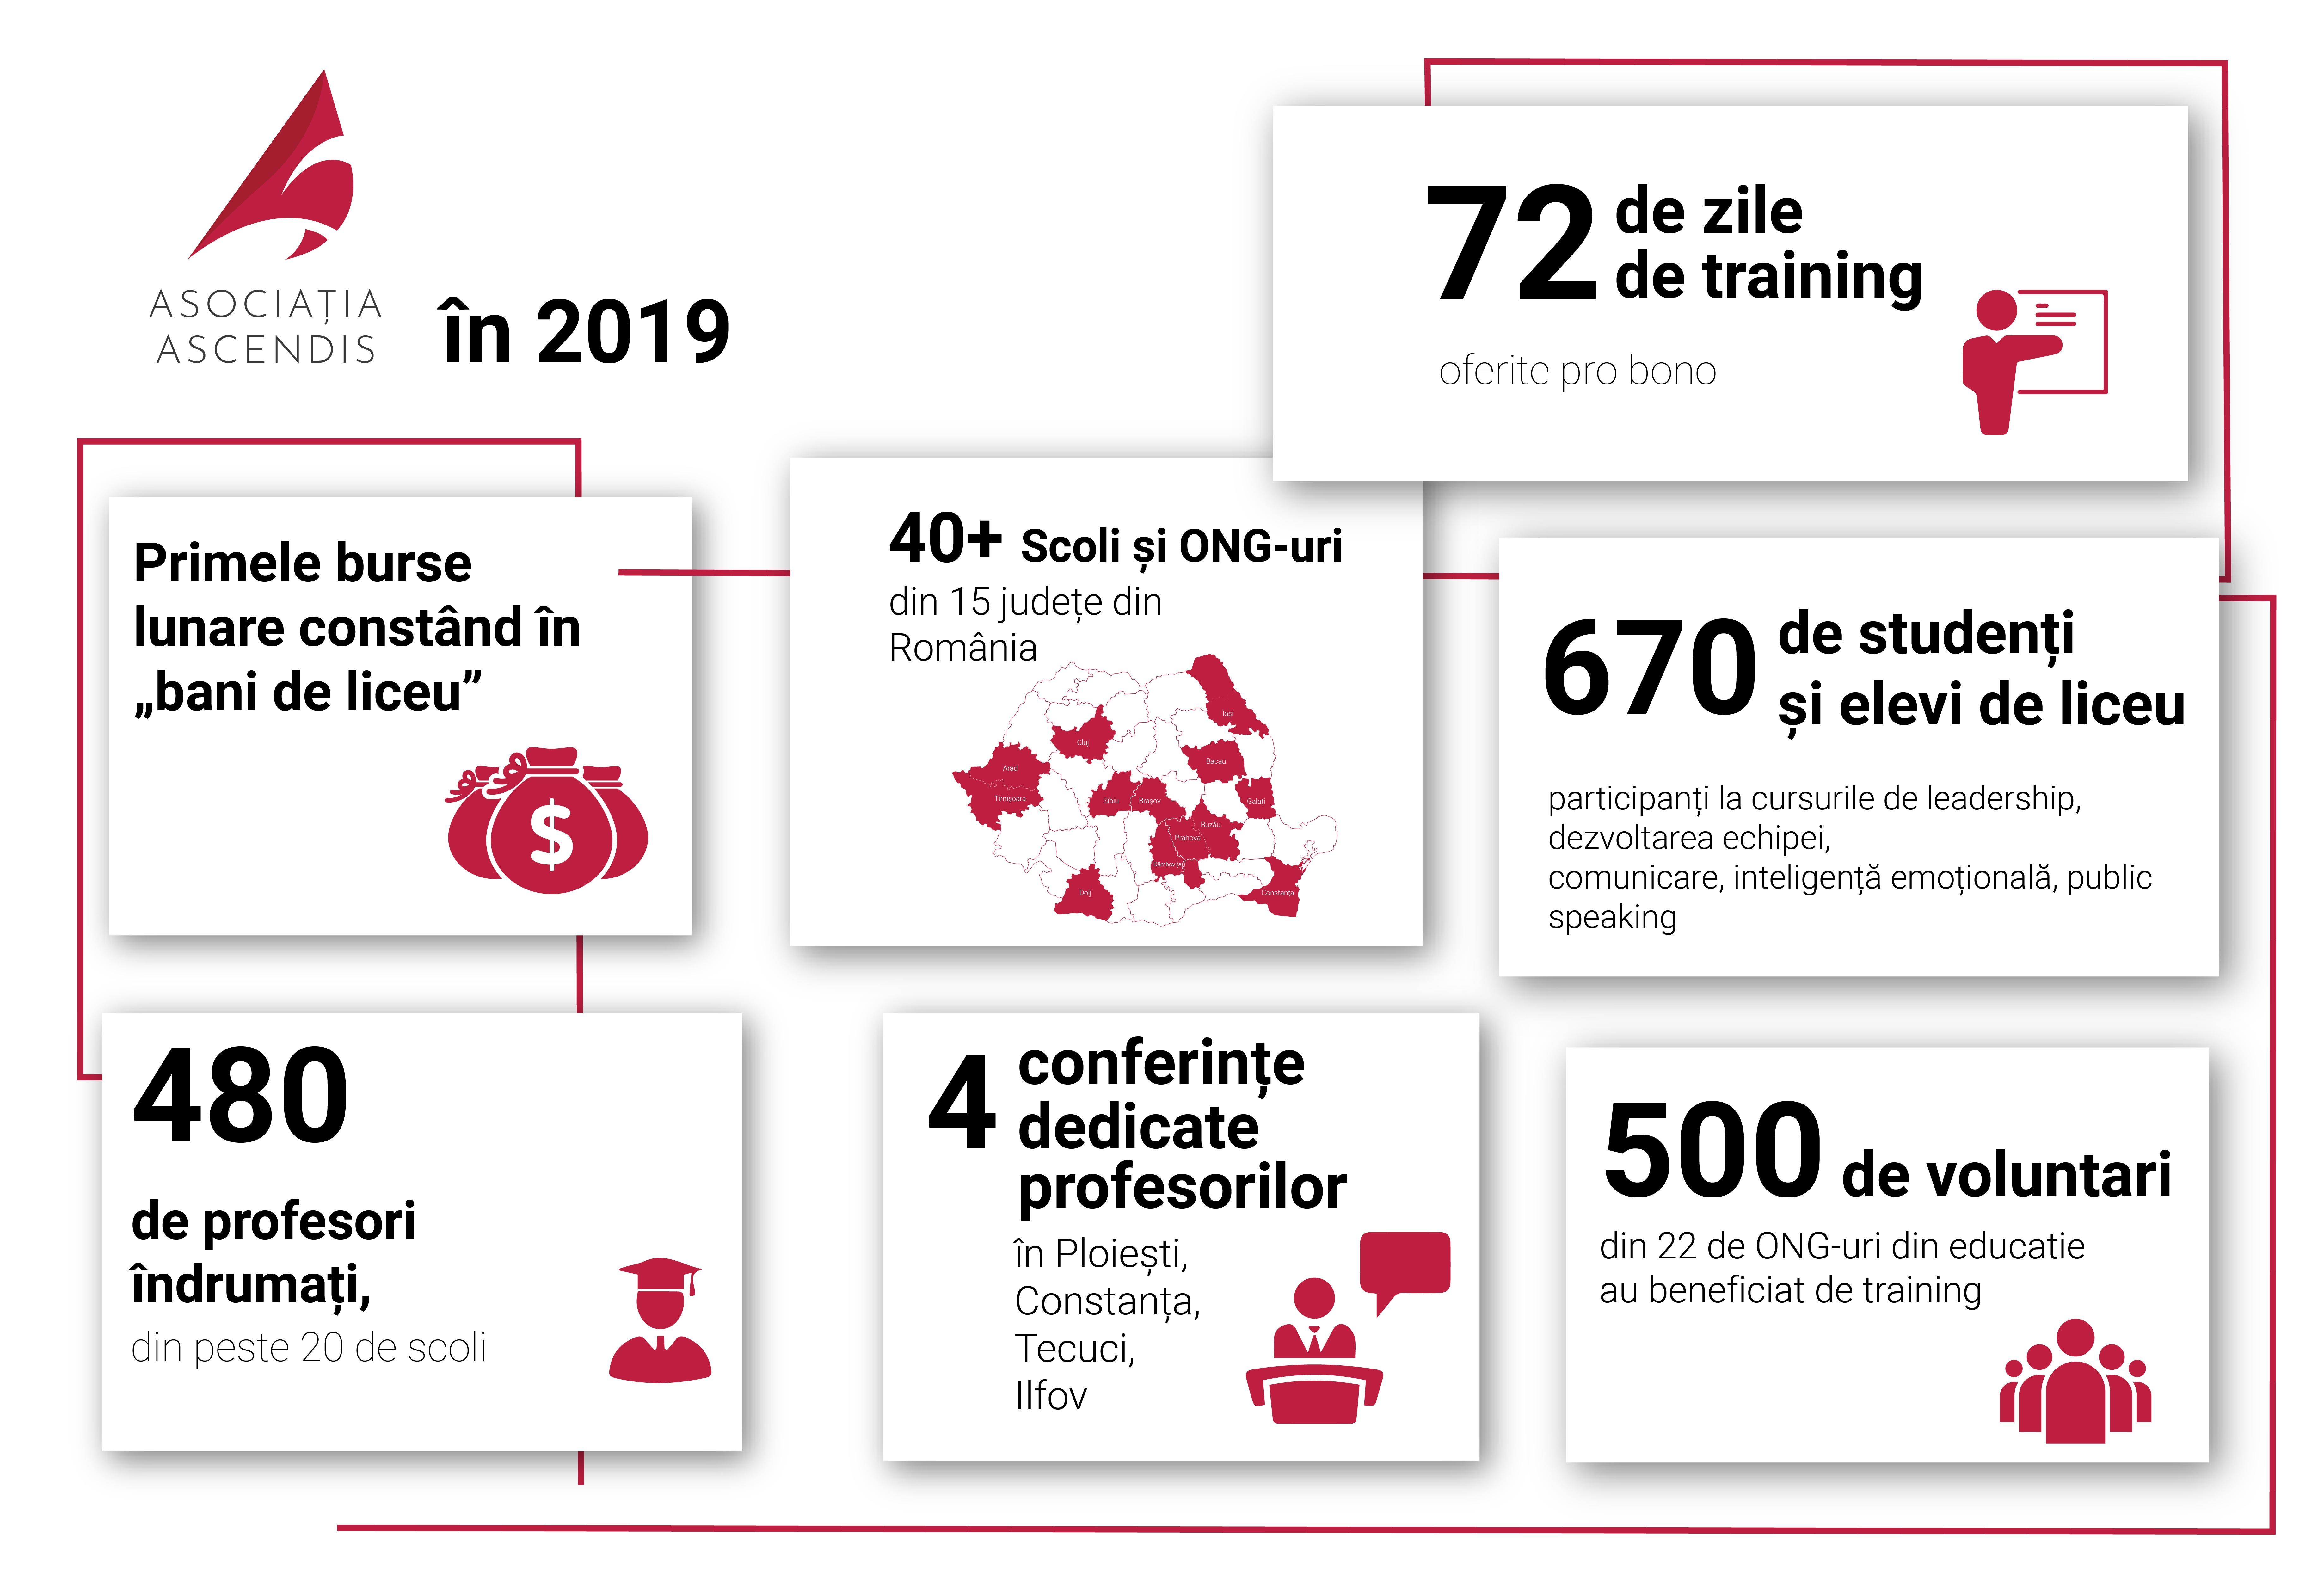 Infografic - Activitatea Asociatiei Ascendis in 2019